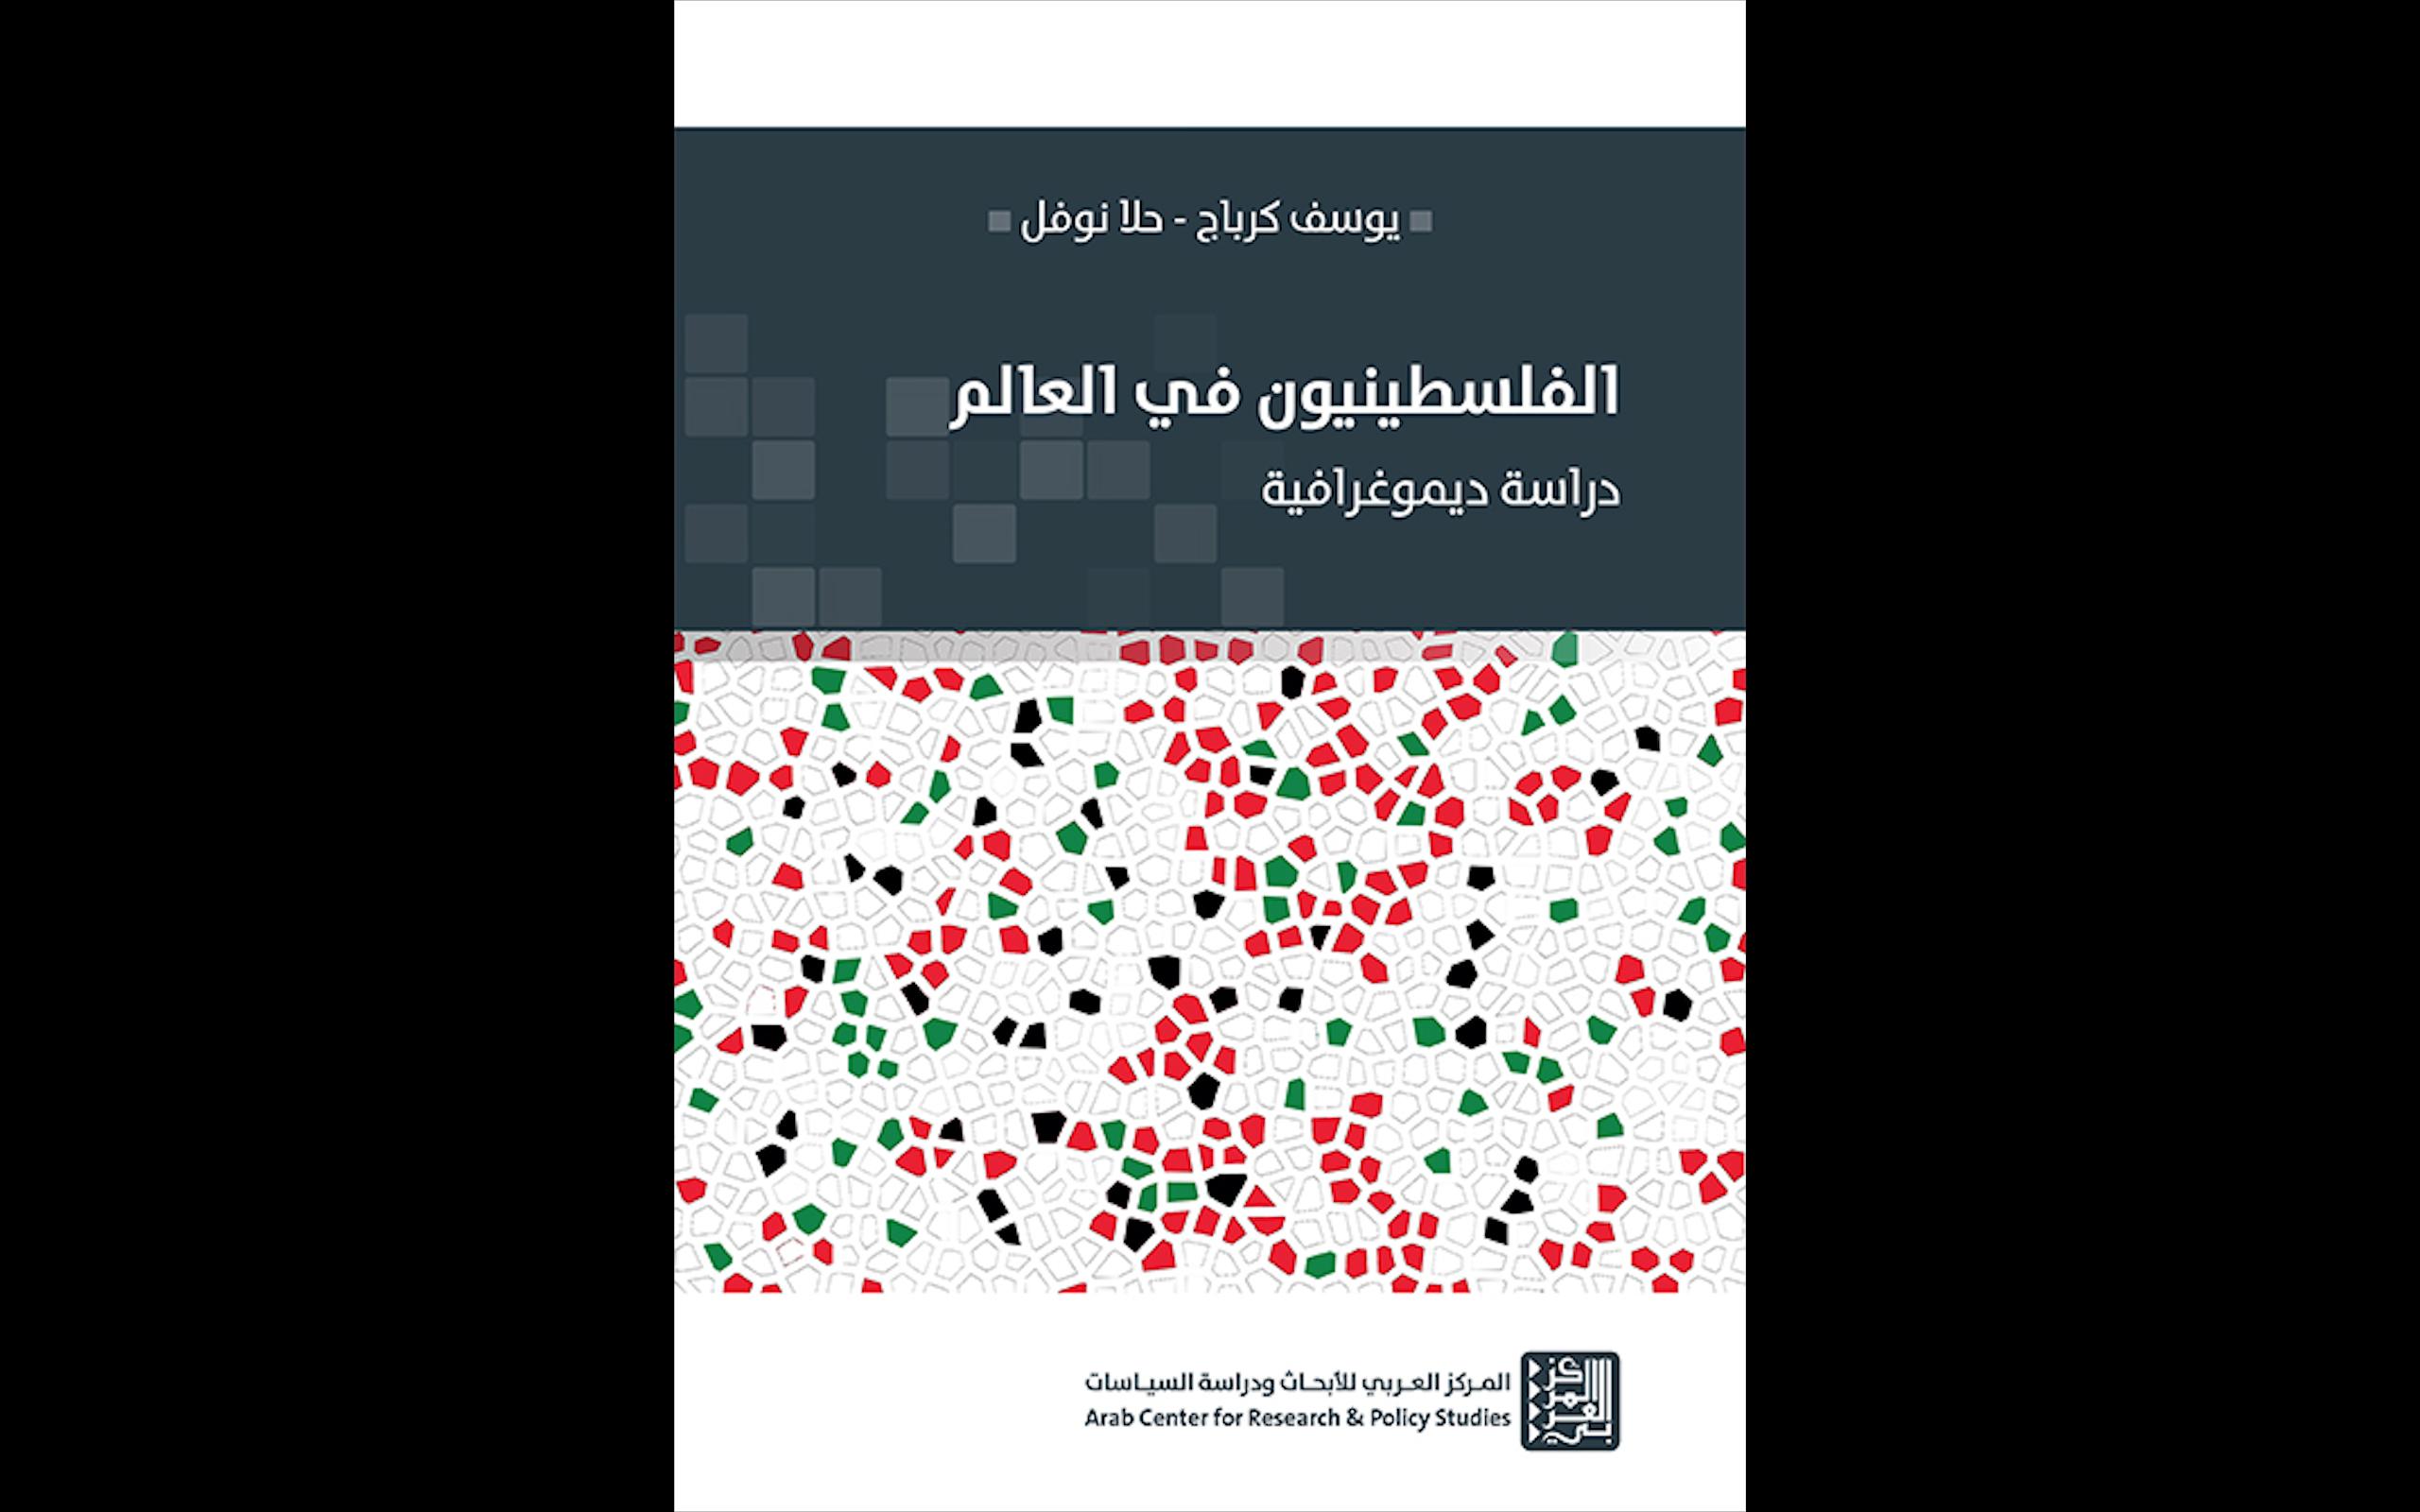 جديد: «الفلسطينيون في العالم: دراسة ديموغرافية»